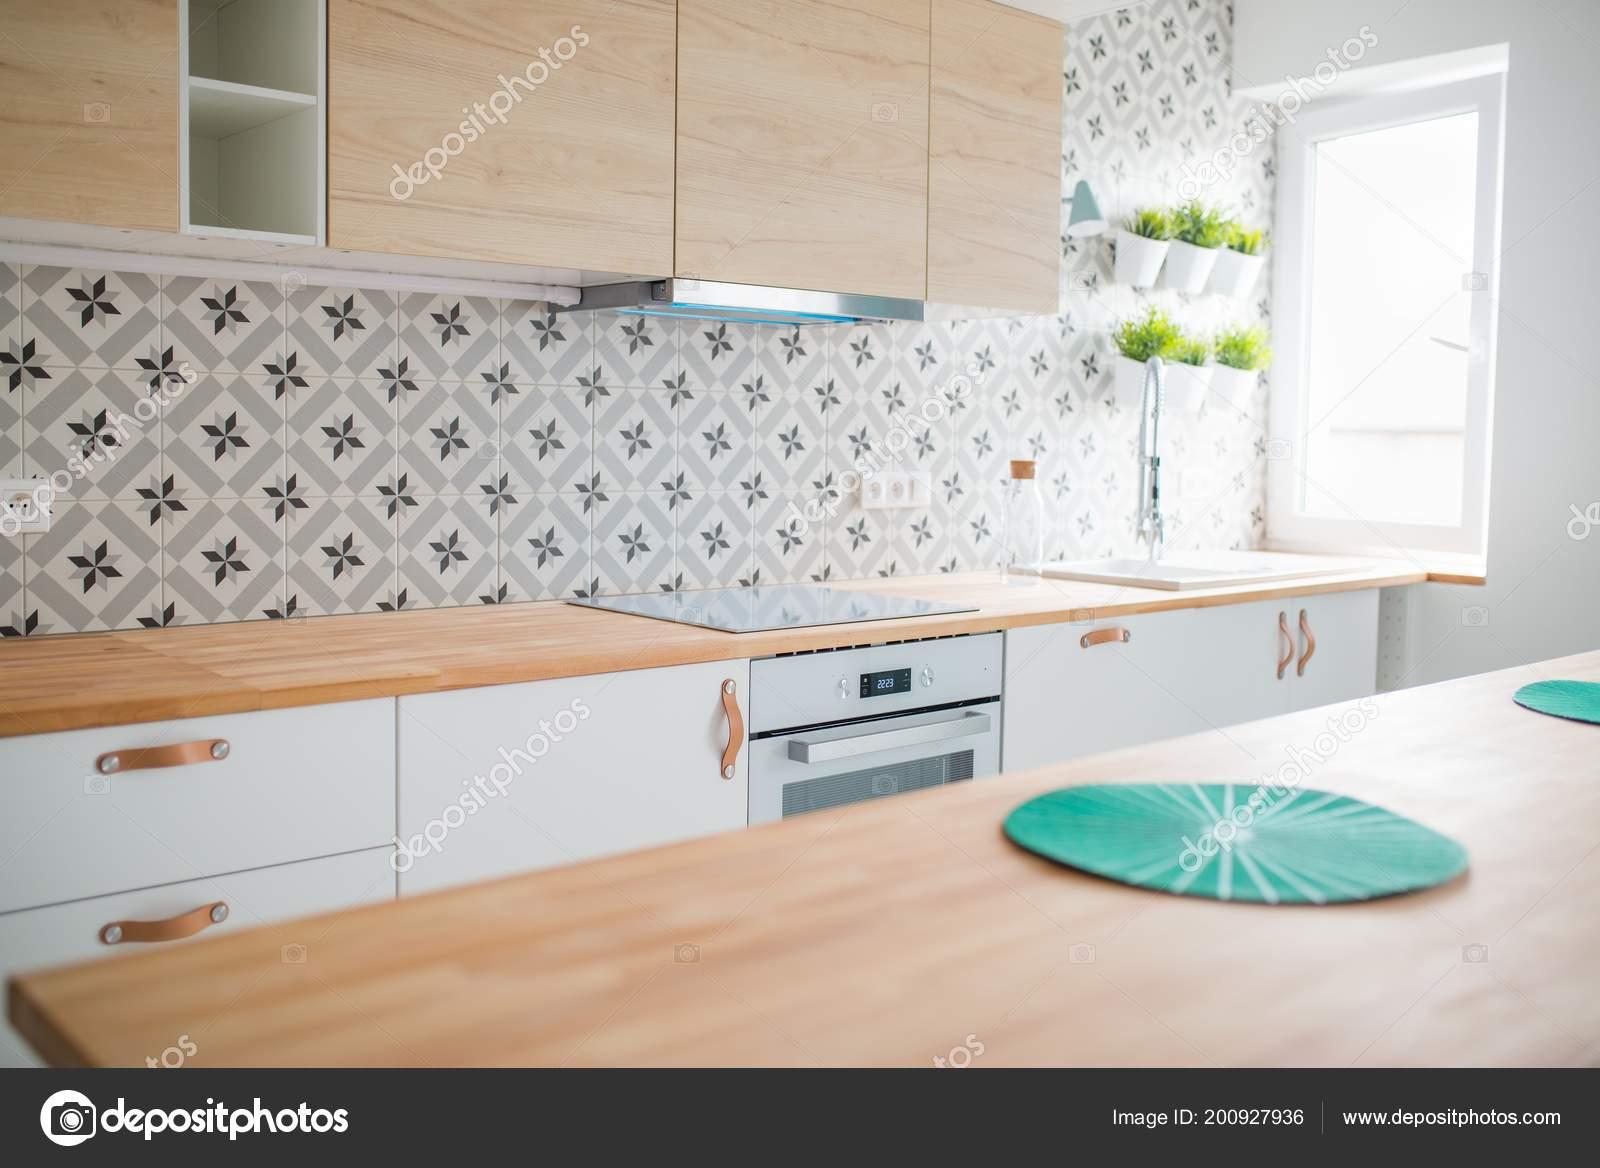 Cocina Luminosa Con Muebles Blancos Cocina Isla Lamparas Color